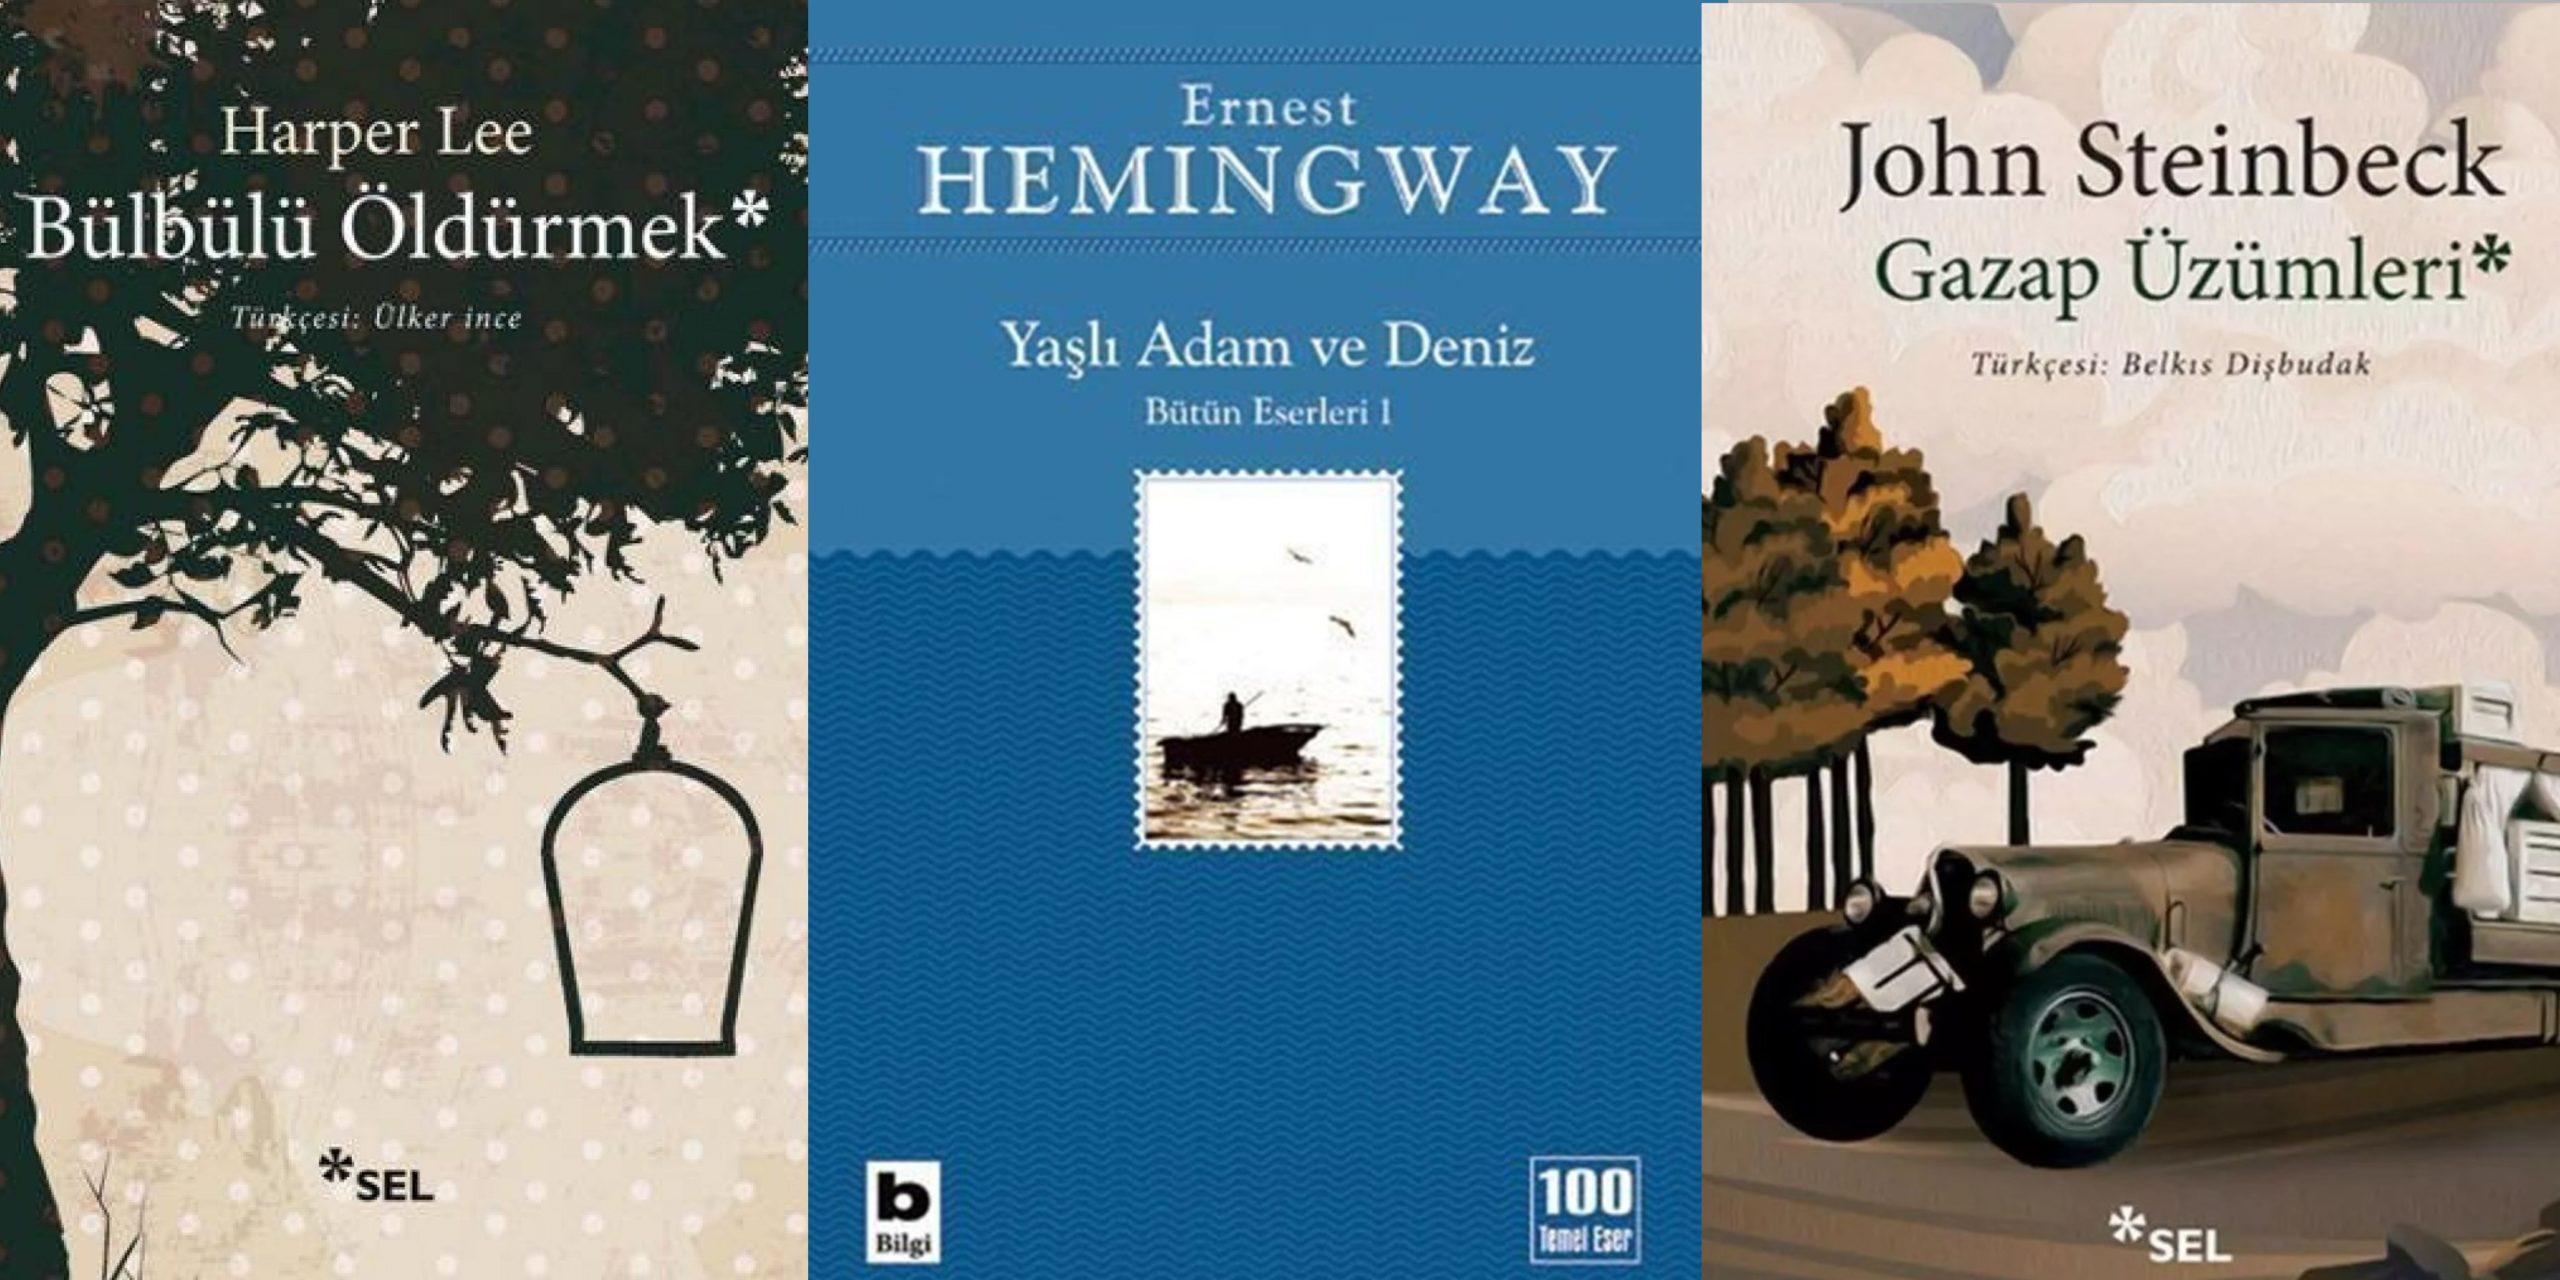 Dünyanın en prestijli ödüllerinden olan Pulitzer Edebiyat Ödülü'nü kazanmış kitaplar